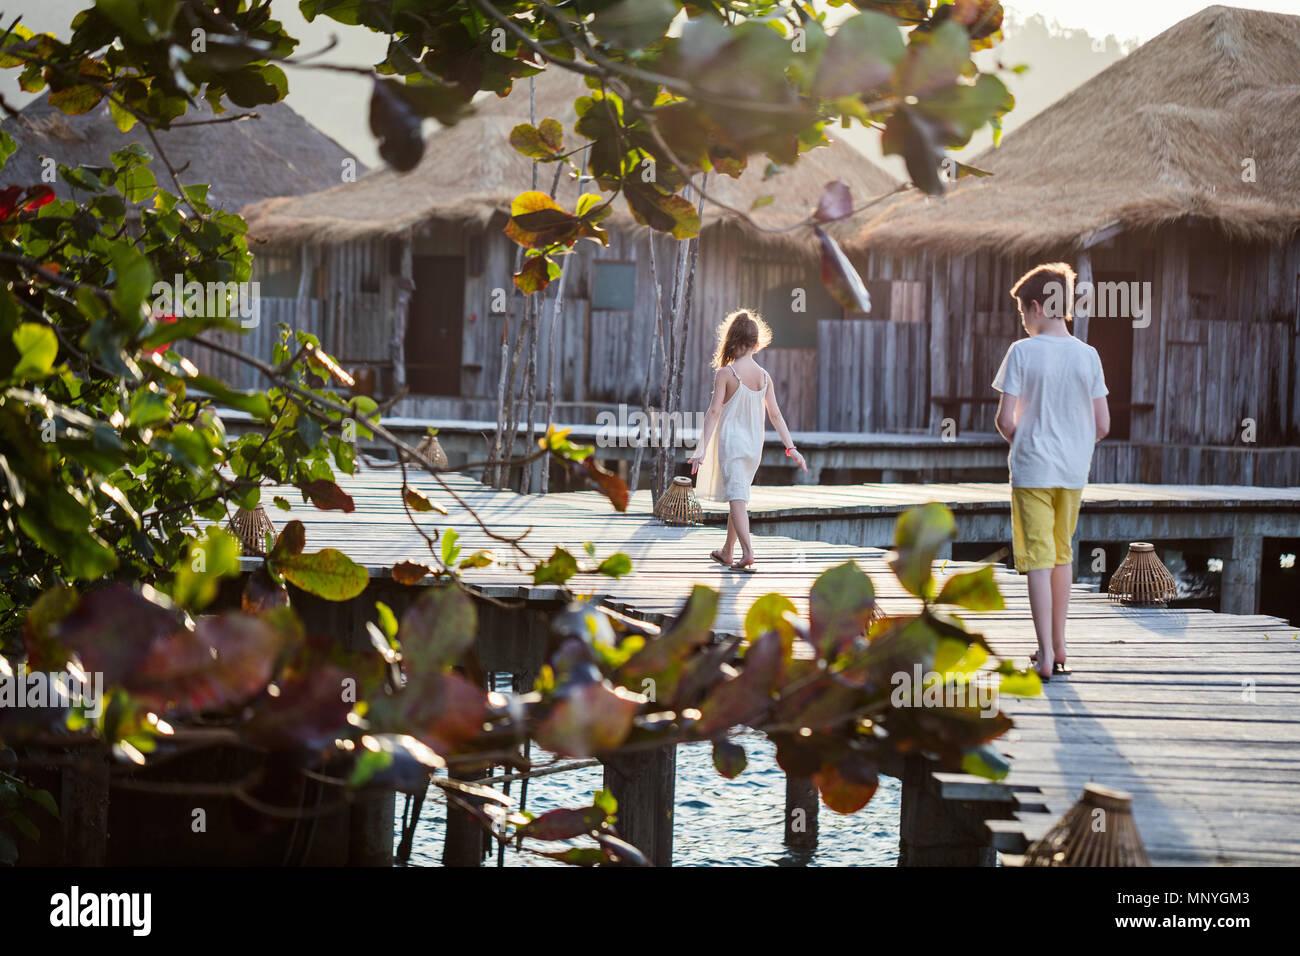 Kinder Bruder und Schwester auf dem Holzsteg im Sommer Urlaub in Luxus Resort Stockbild